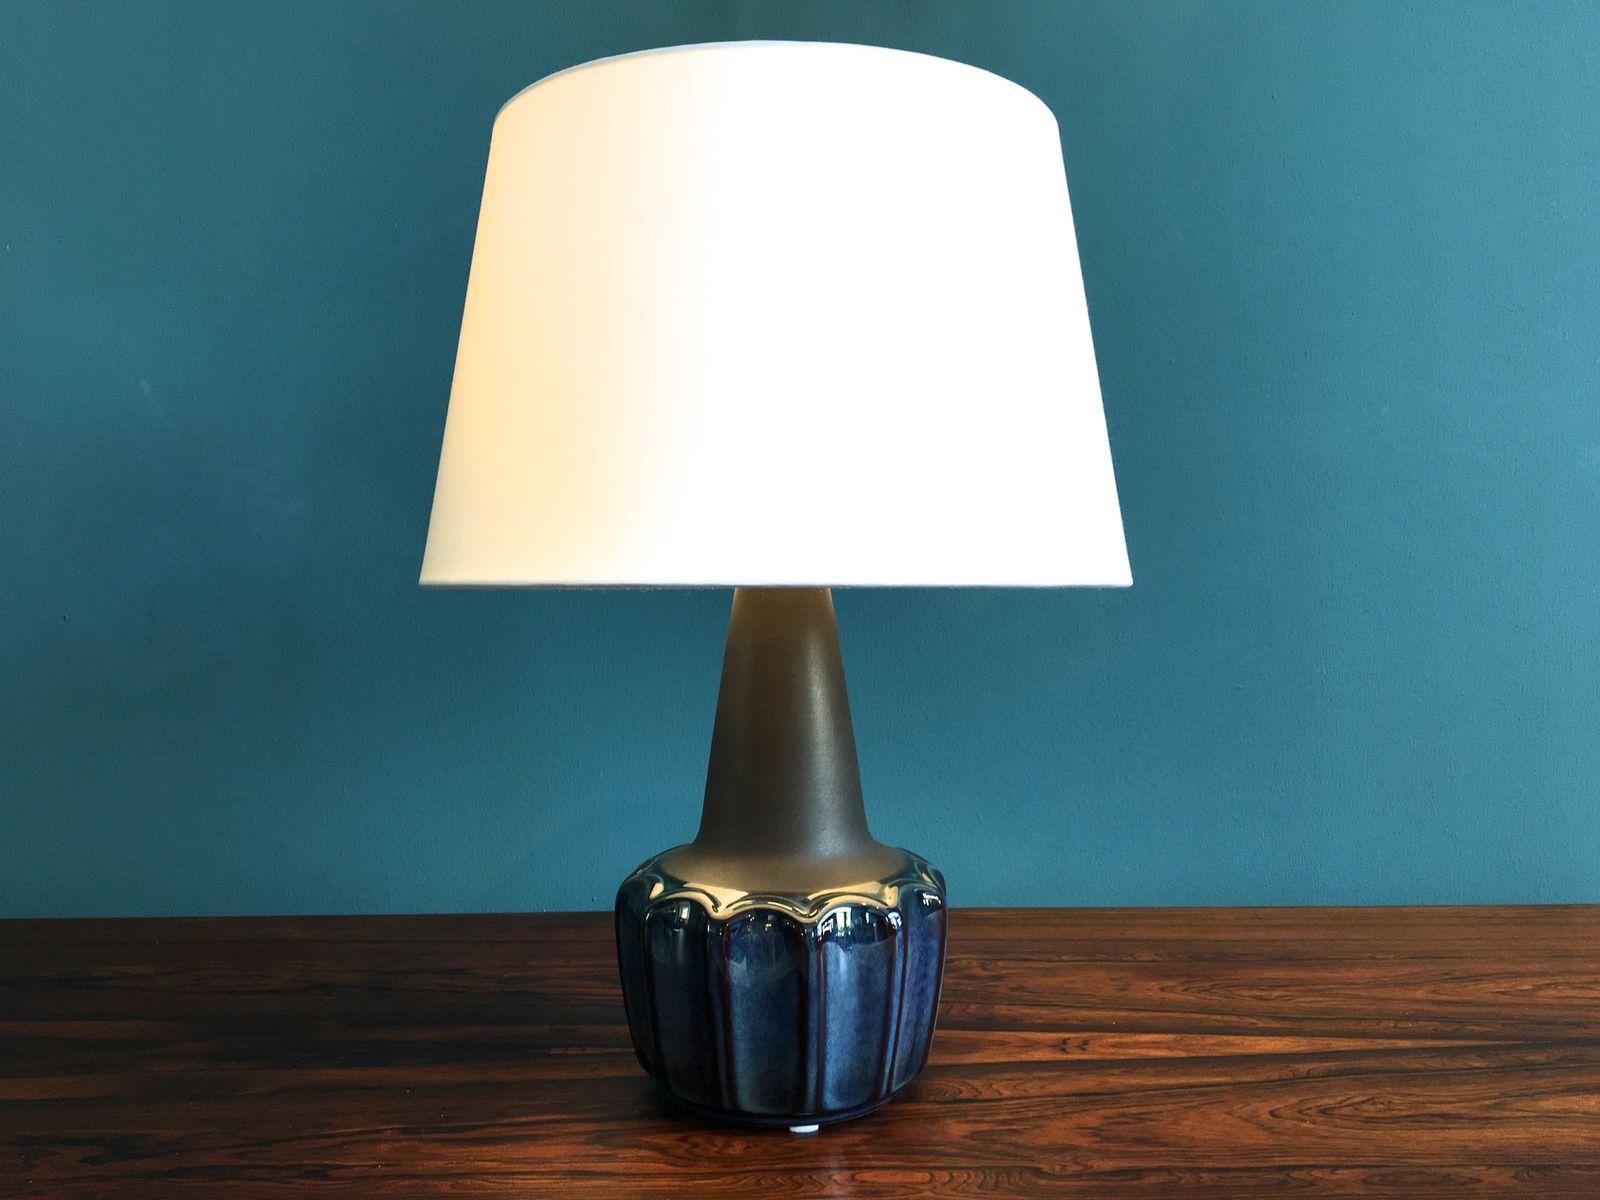 Lampada da tavolo vintage in ceramica di einar johansen per soholm danimarca anni 39 60 in - Lampada da tavolo vintage ...